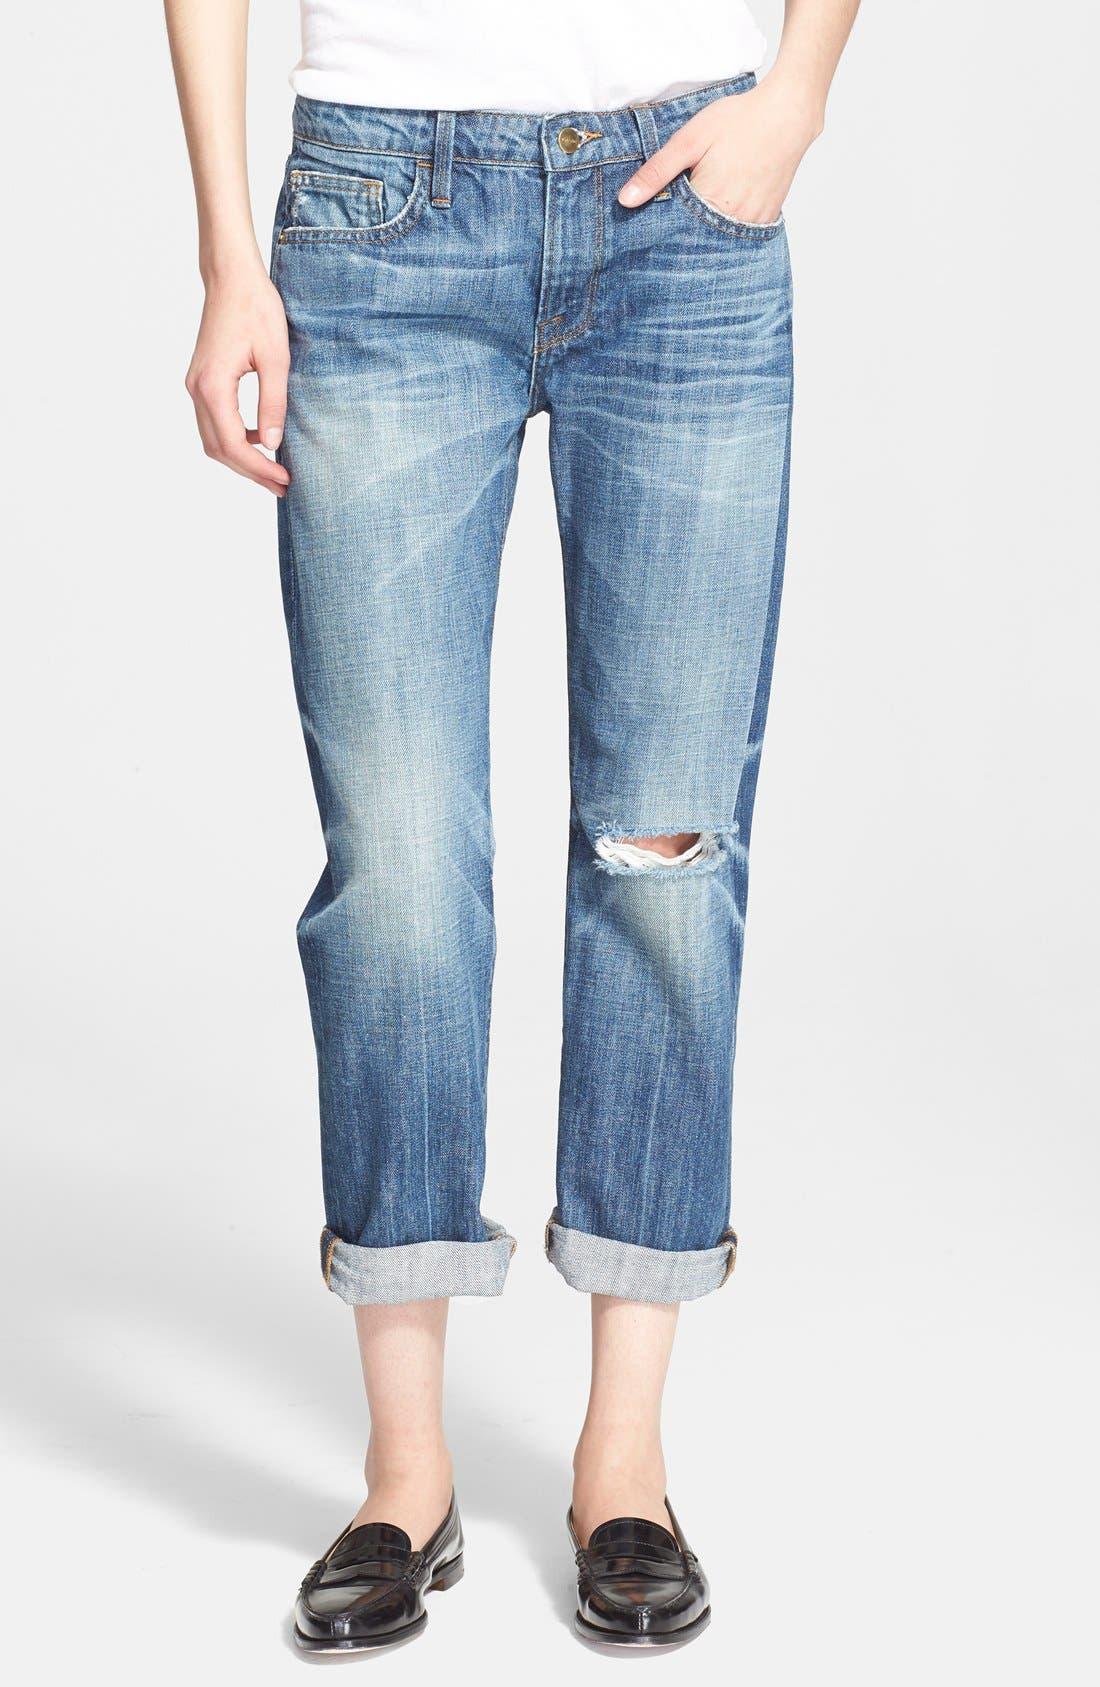 Alternate Image 1 Selected - Frame Denim 'Le Grand Garcon' Destroyed BoyfriendJeans (Wagner)